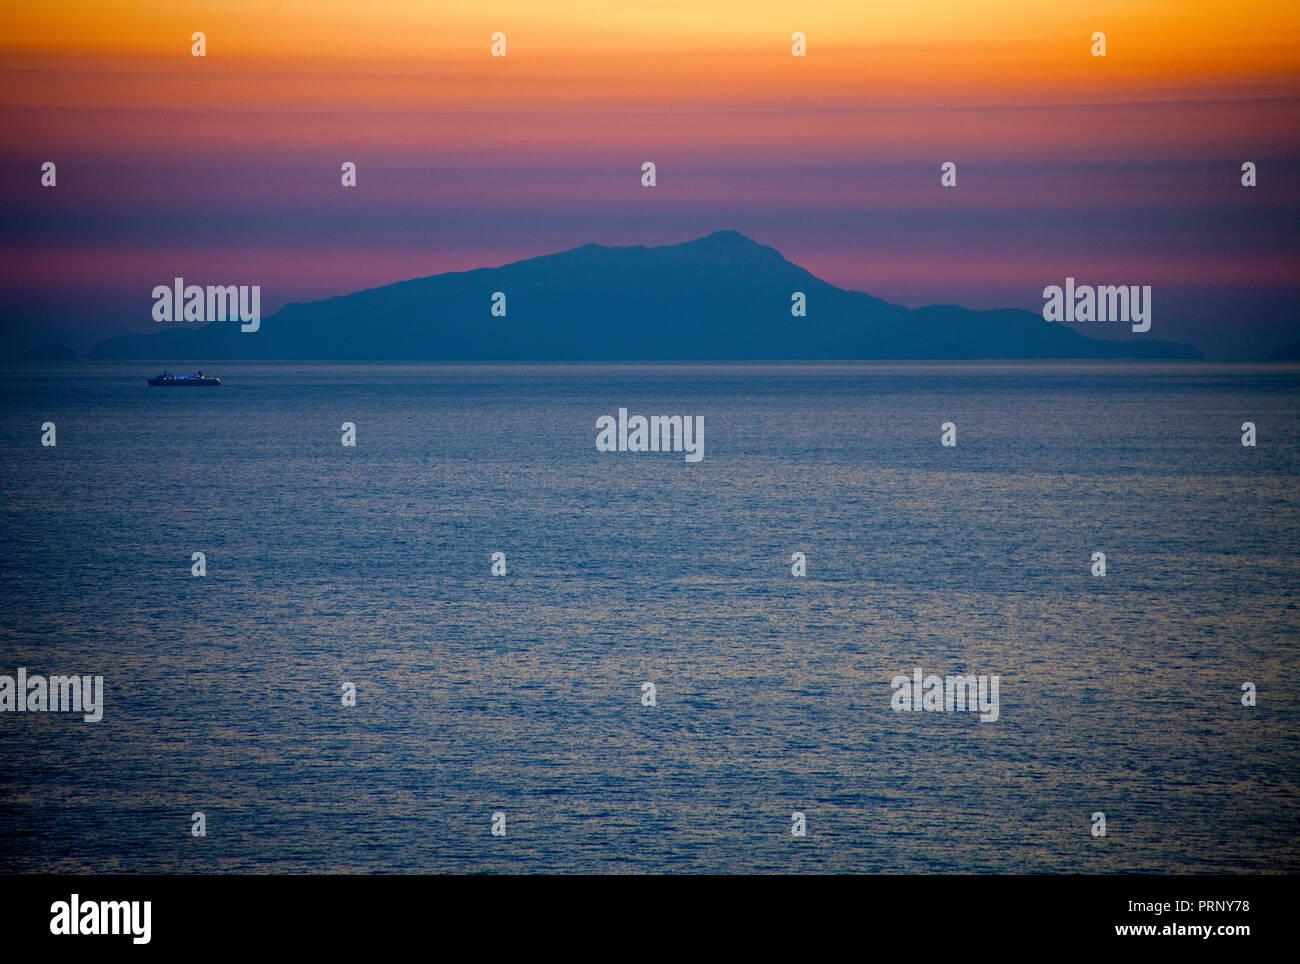 Sonnenuntergang bei der Insel Capri, Golf von Neapel, Kampanien, Italien | Insel Capri bei Sonnenuntergang, Golf von Neapel, Kampanien, Italien Stockbild